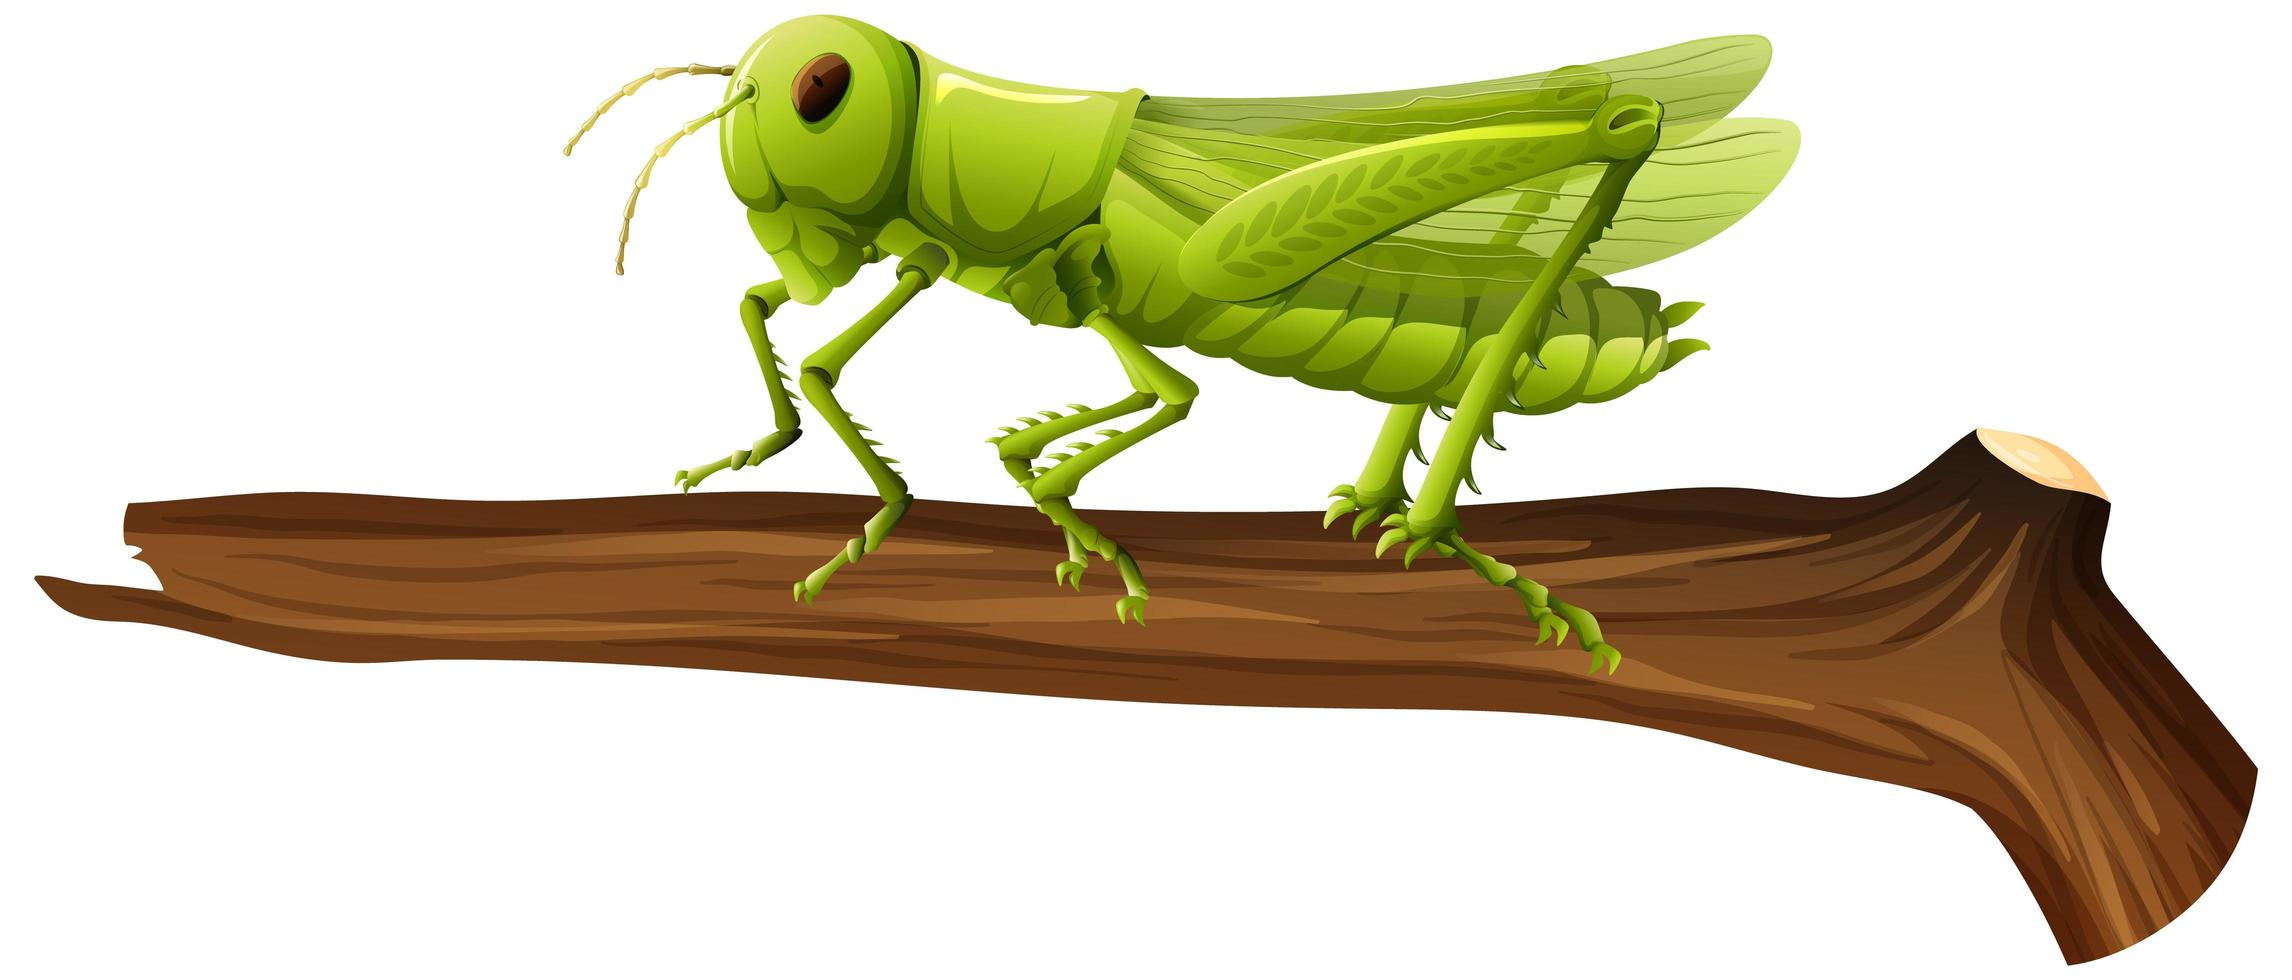 Nahaufnahme der Heuschrecke auf einem Zweig auf weißem Hintergrund vektor